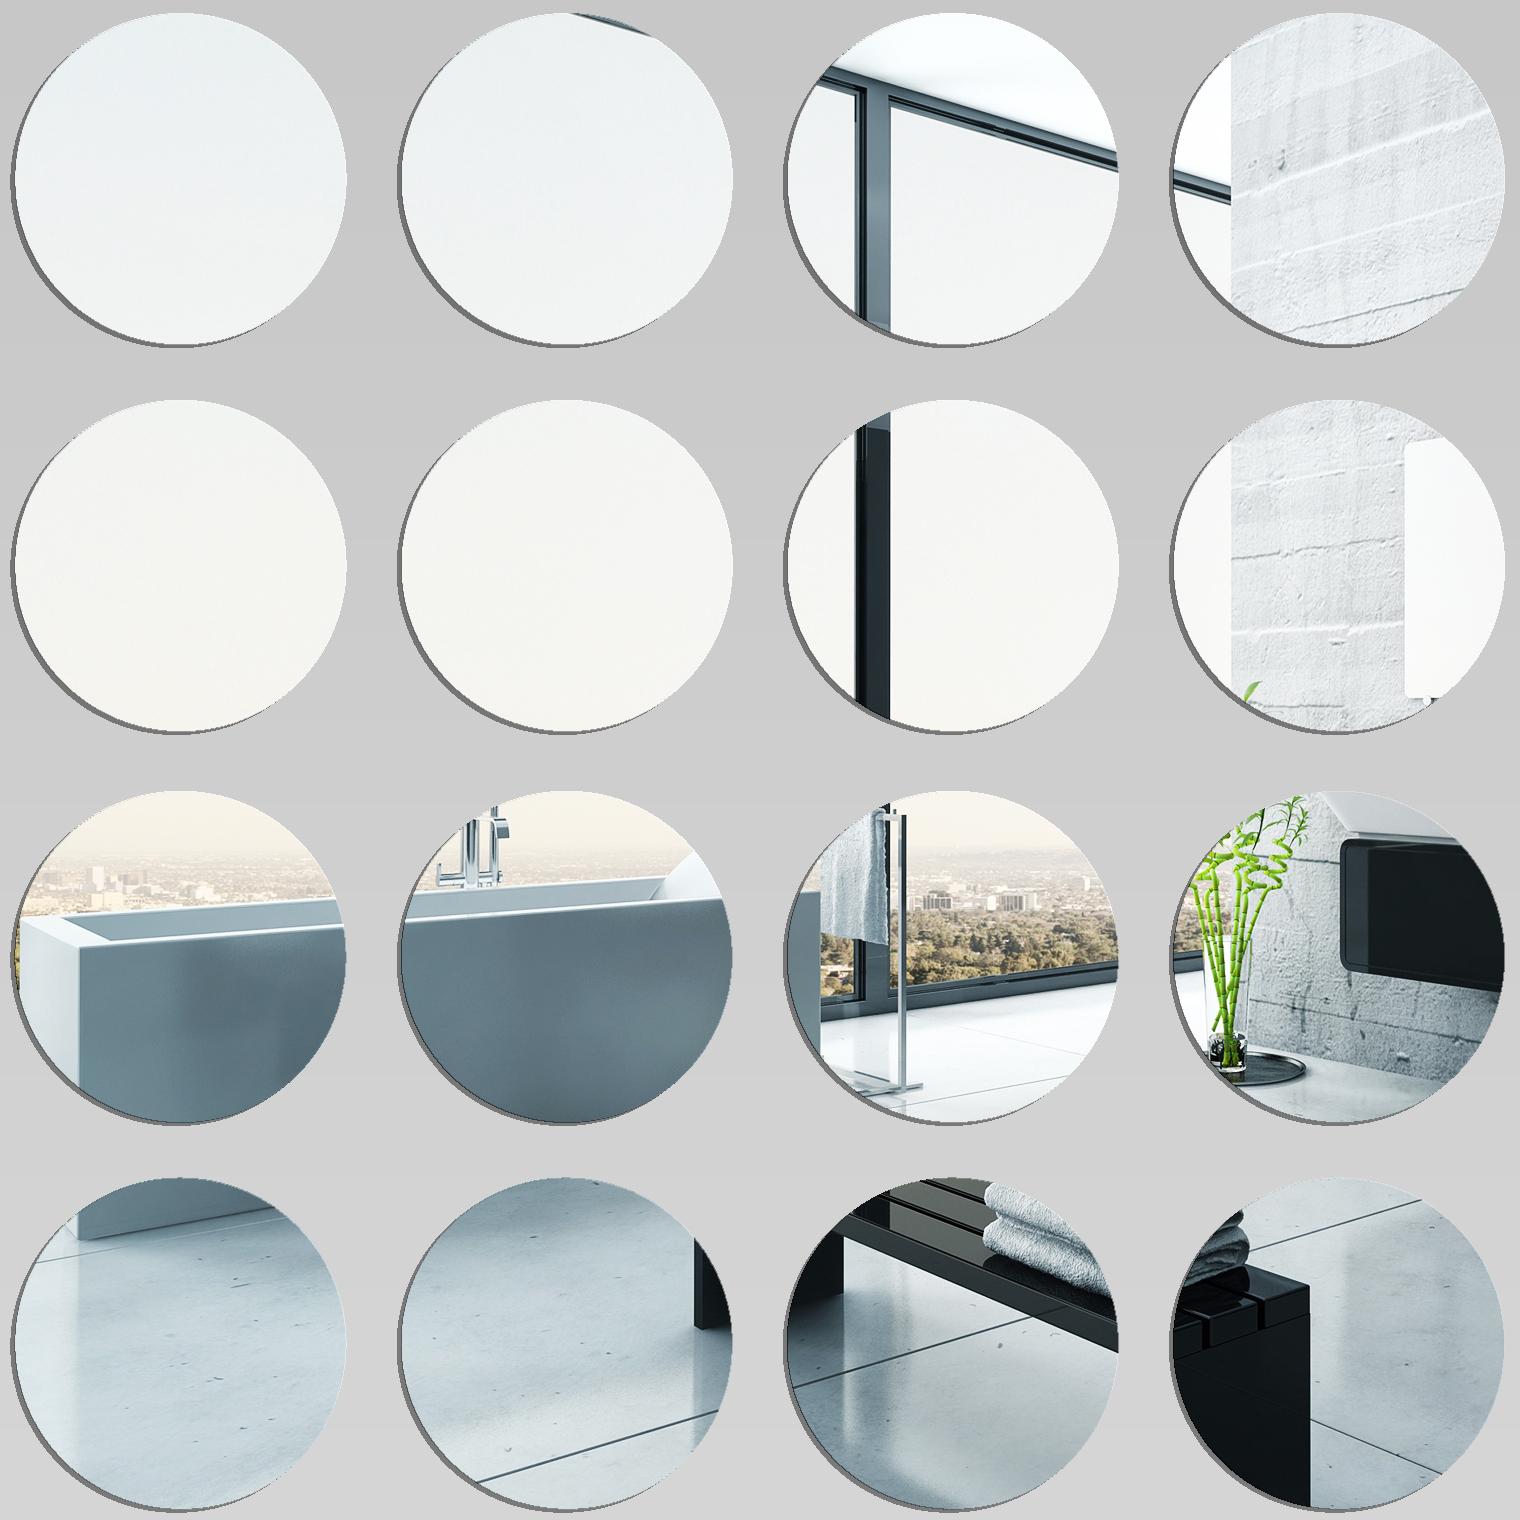 Kit miroir plexiglass acrylique ronds pas cher for Miroir 80x80